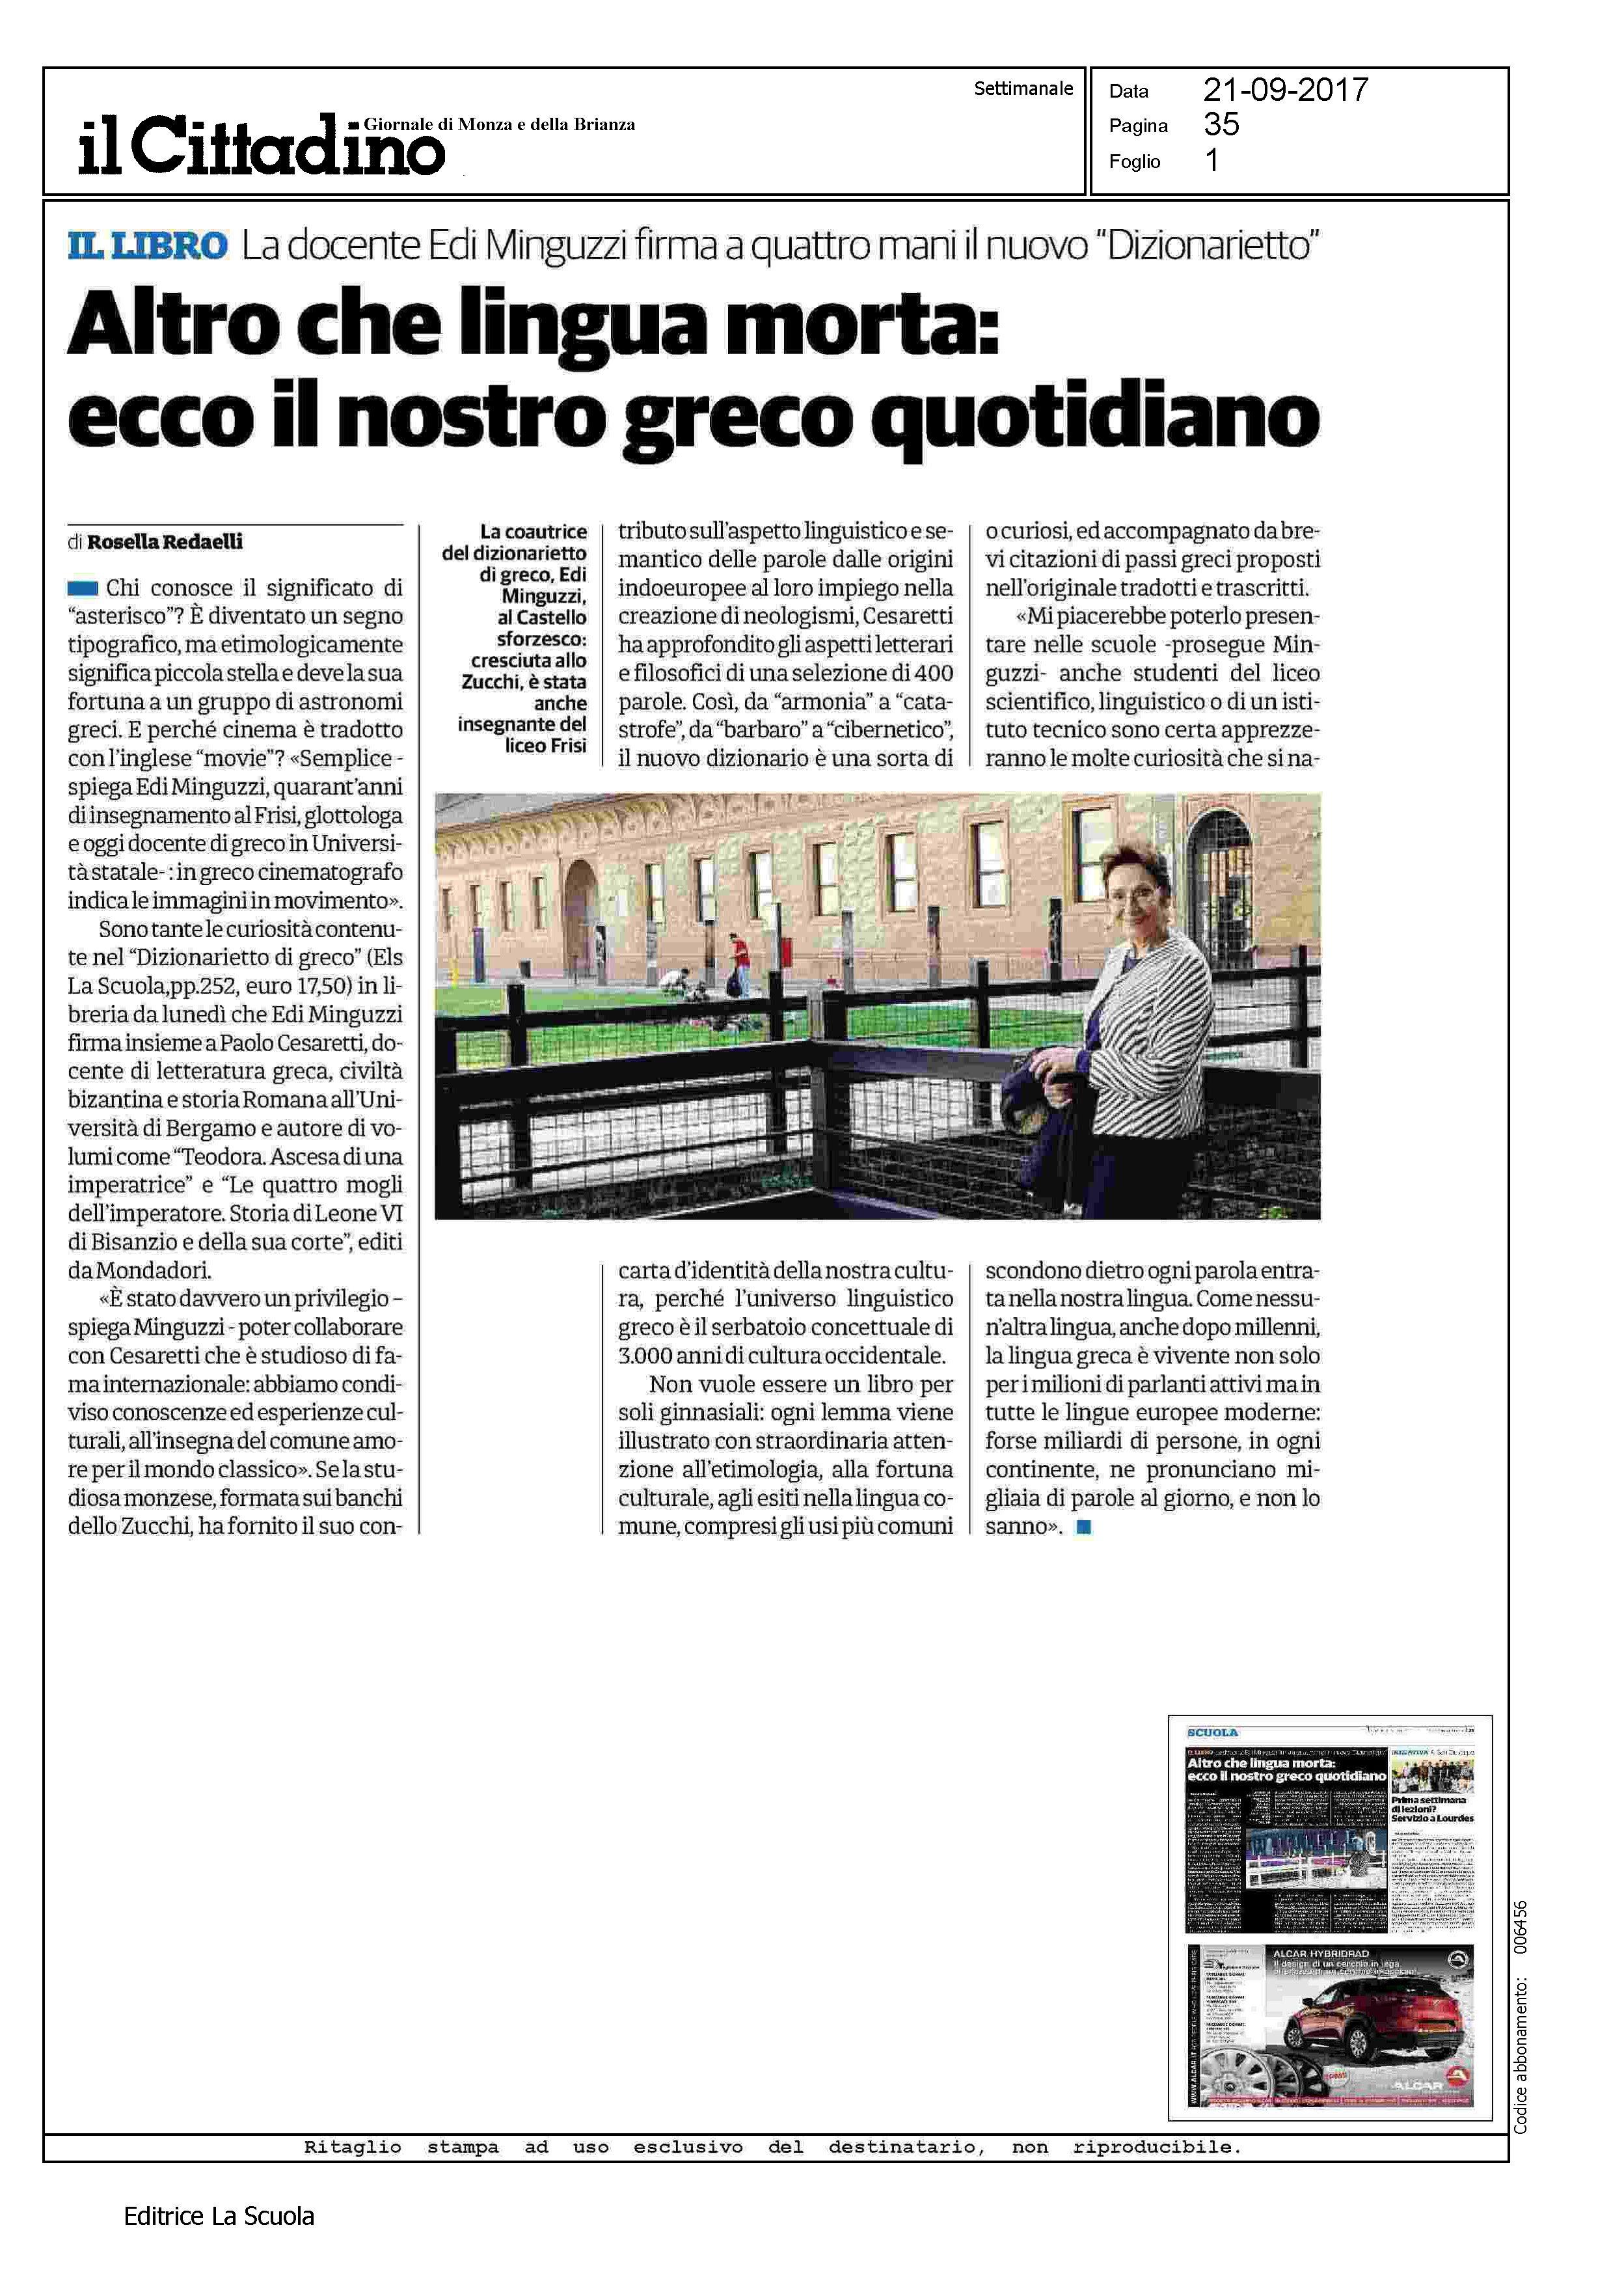 Els Il Cittadino 21 9 2017 Dizionarietto